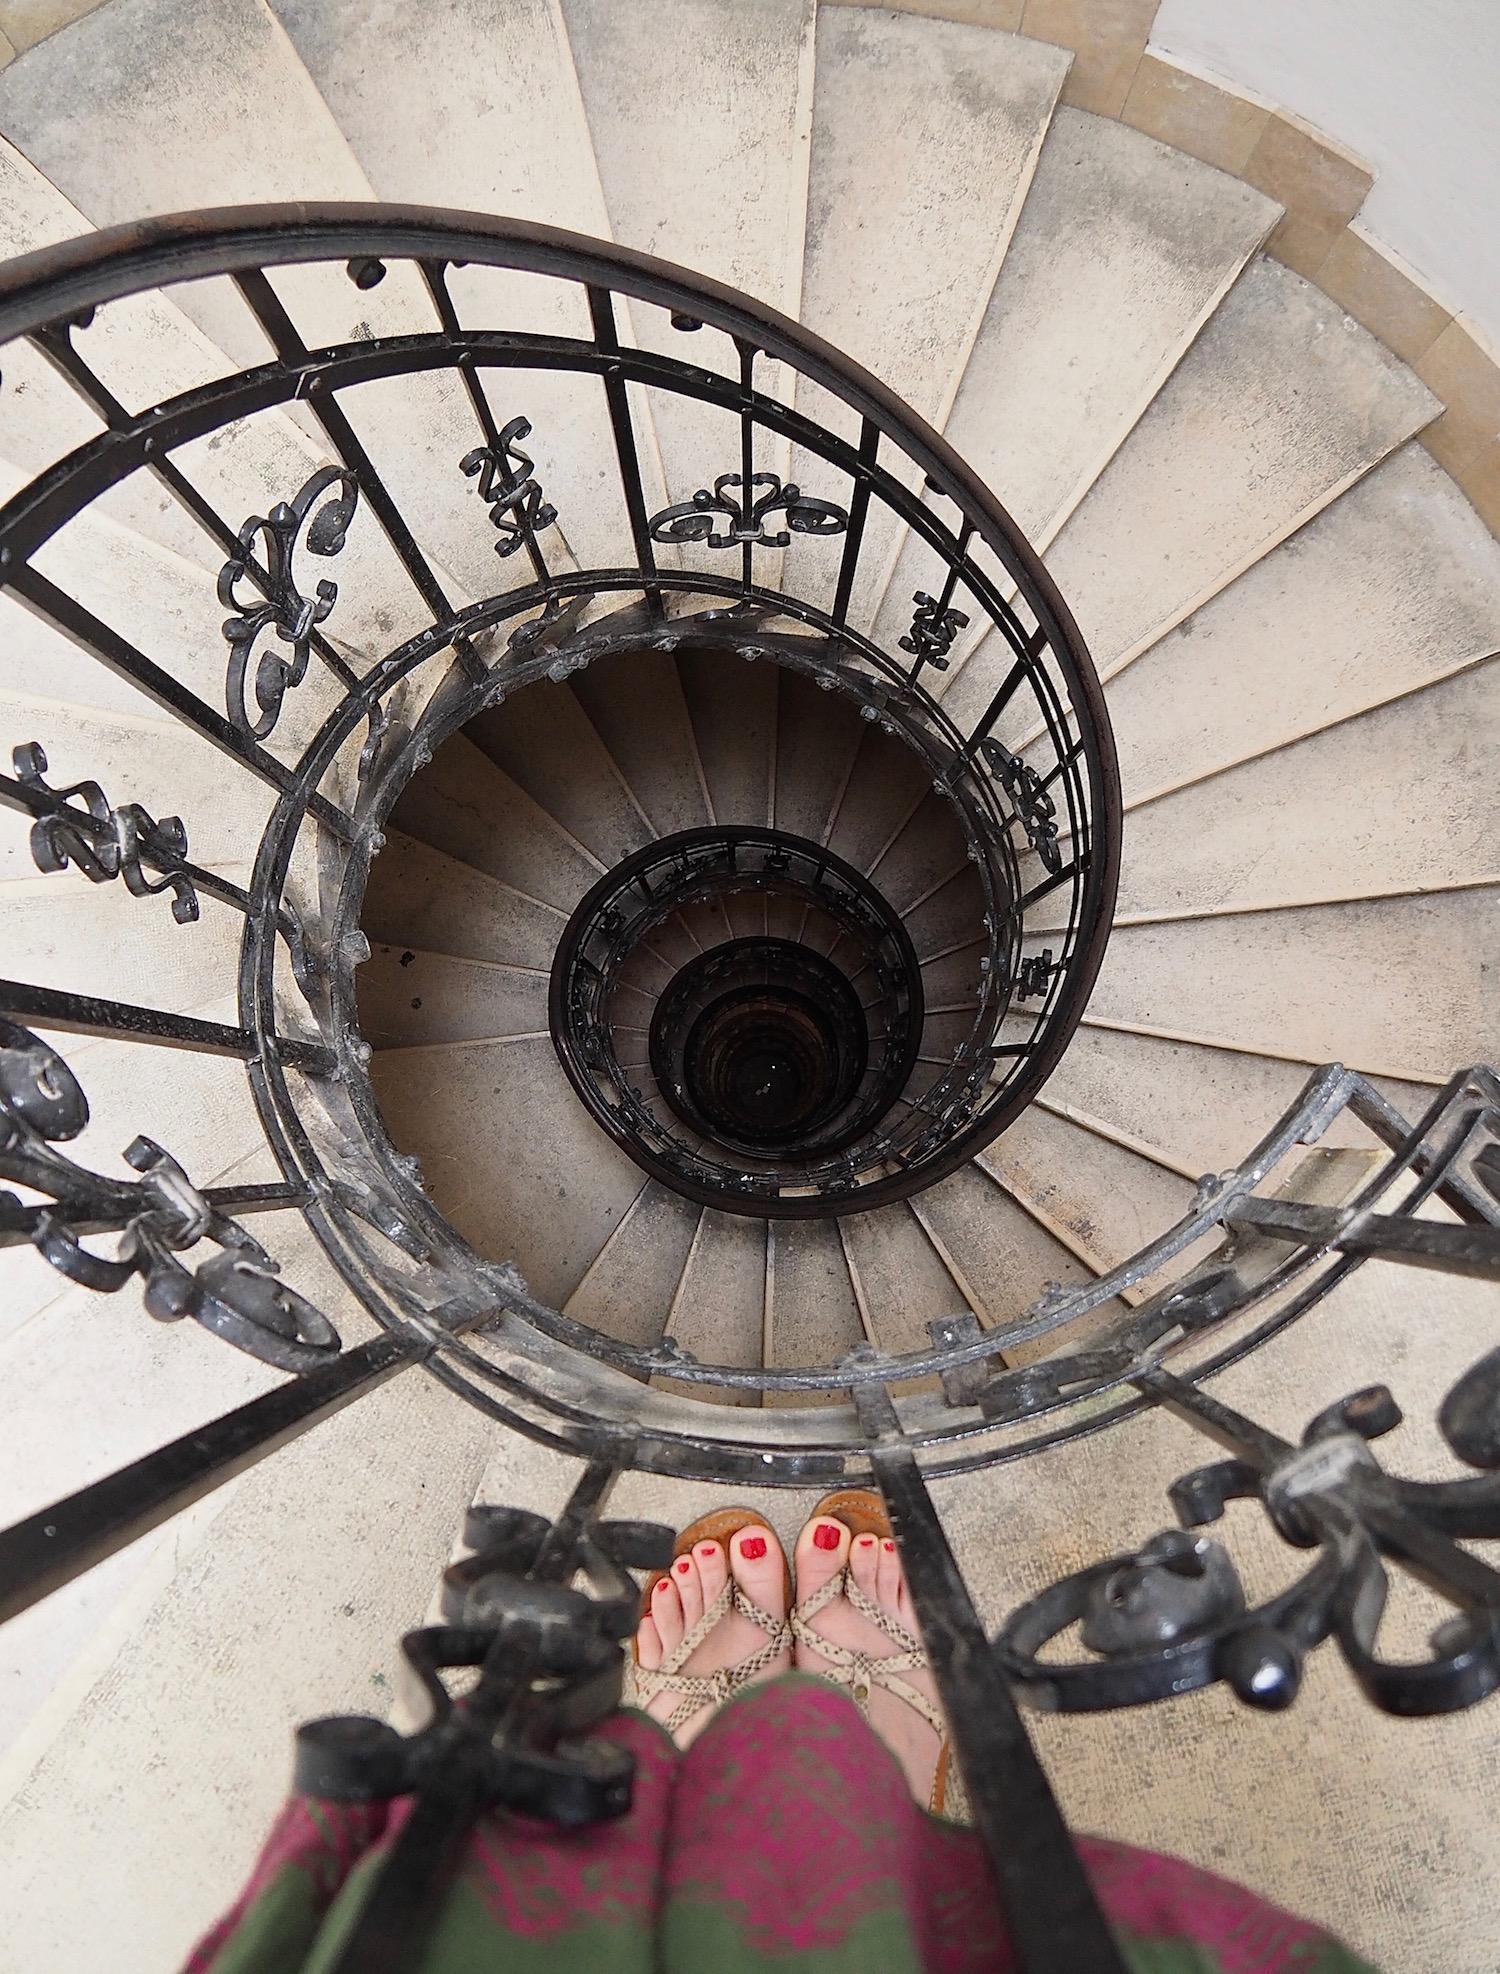 Visite de Budapest en famille, itinéraire sur 5 jours -Escalier de la Basilique Saint-Etienne